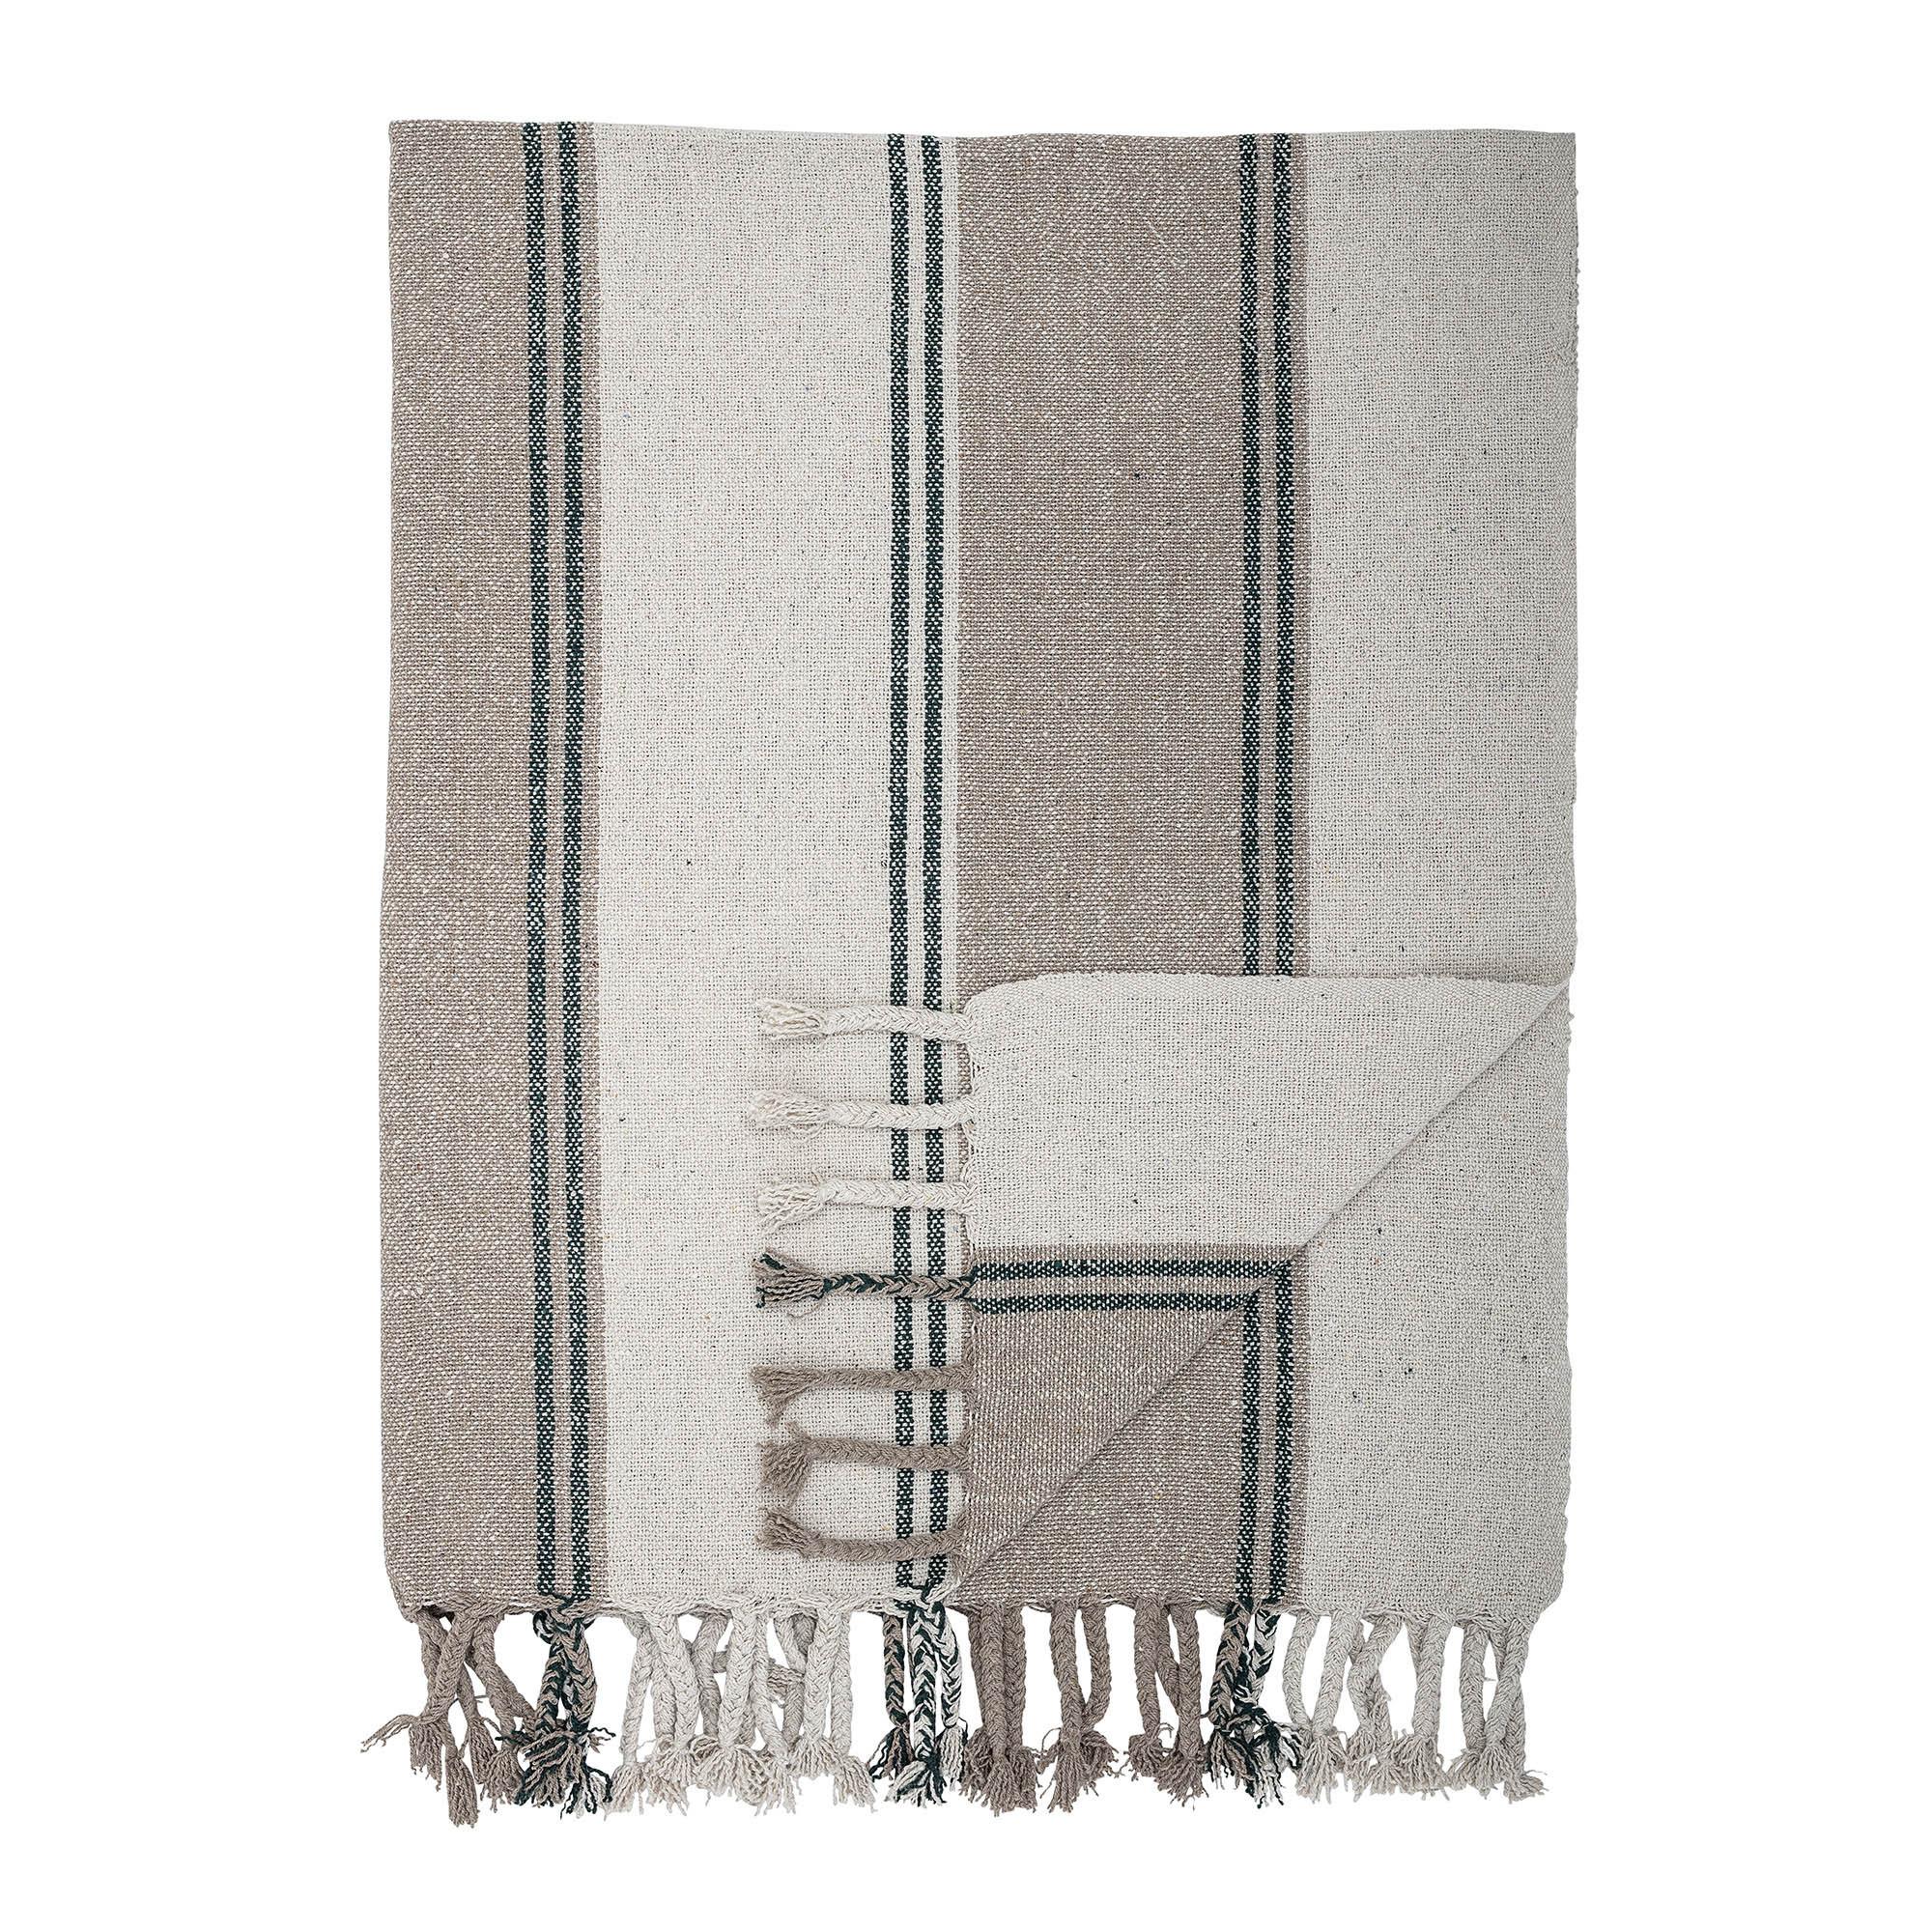 Ib Laursen Decke Plaid Creme mit grauen Blockstreifen